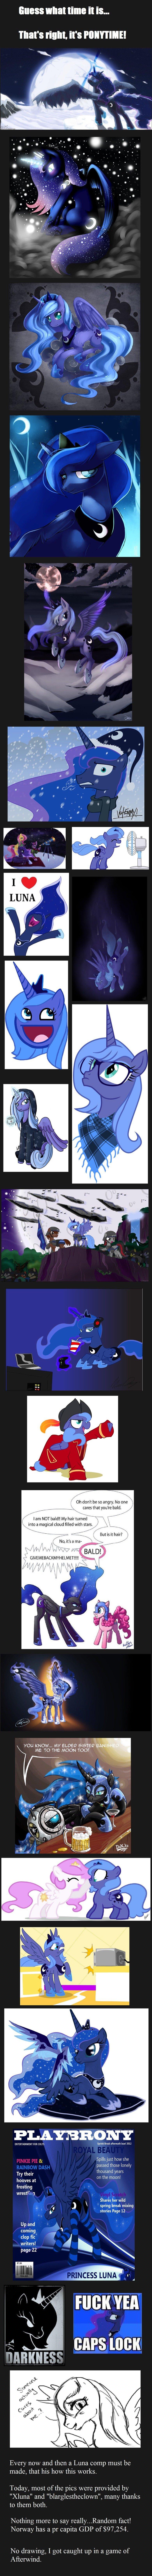 Ponycomp 90. Ponycomp 89: /channel/ponytime/Ponycomp+89/sjrRGfw/ DOWNLOAD LINK: www.mediafire.com/?5z4w96n8qdl2w.. So... much... luna... My Little Pony ponies ponytime